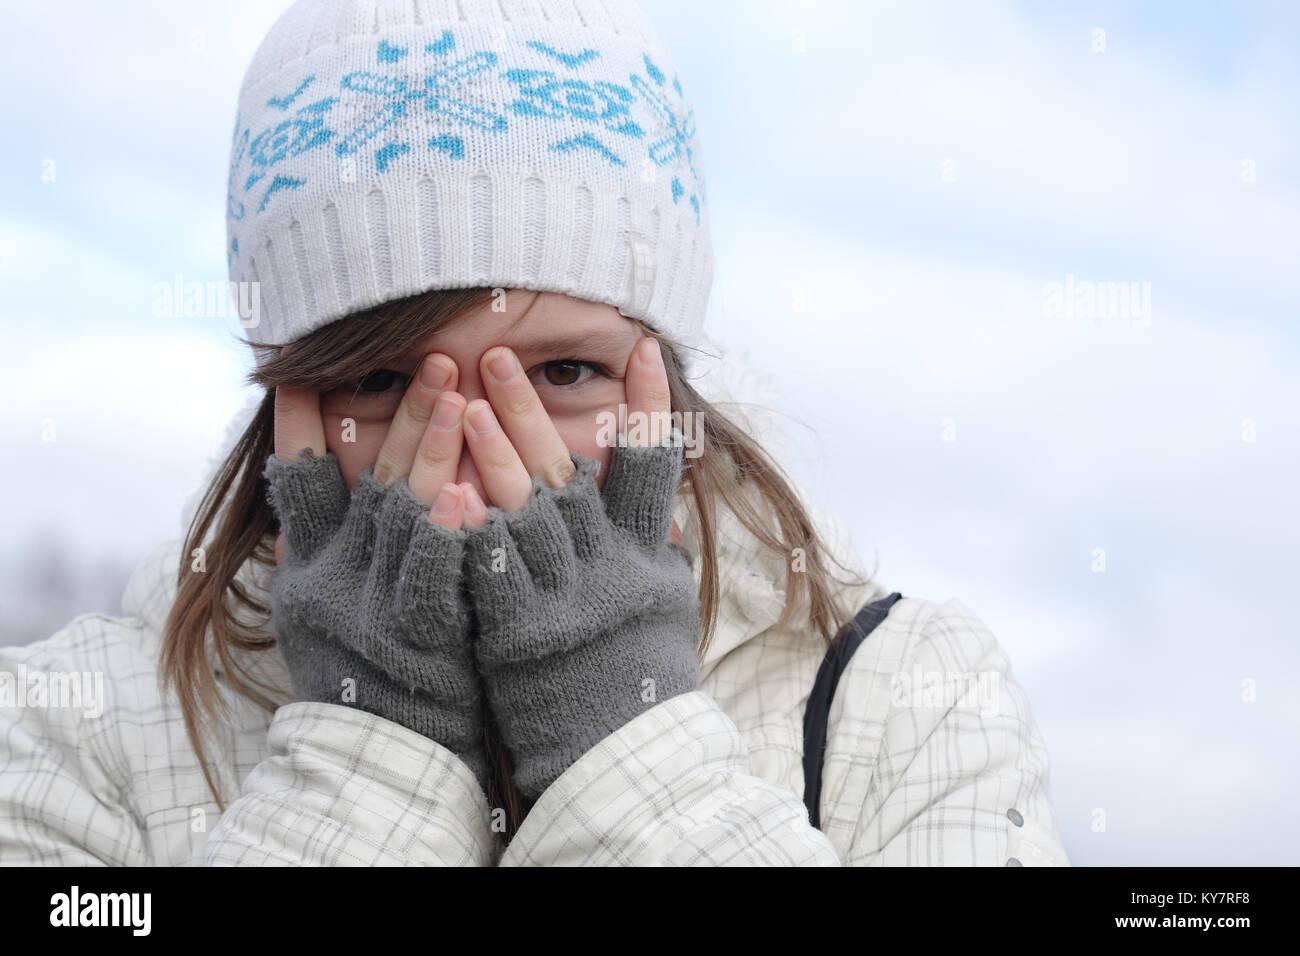 Portrait Of Nice Young Girl Looking Between Her Fingers Stock